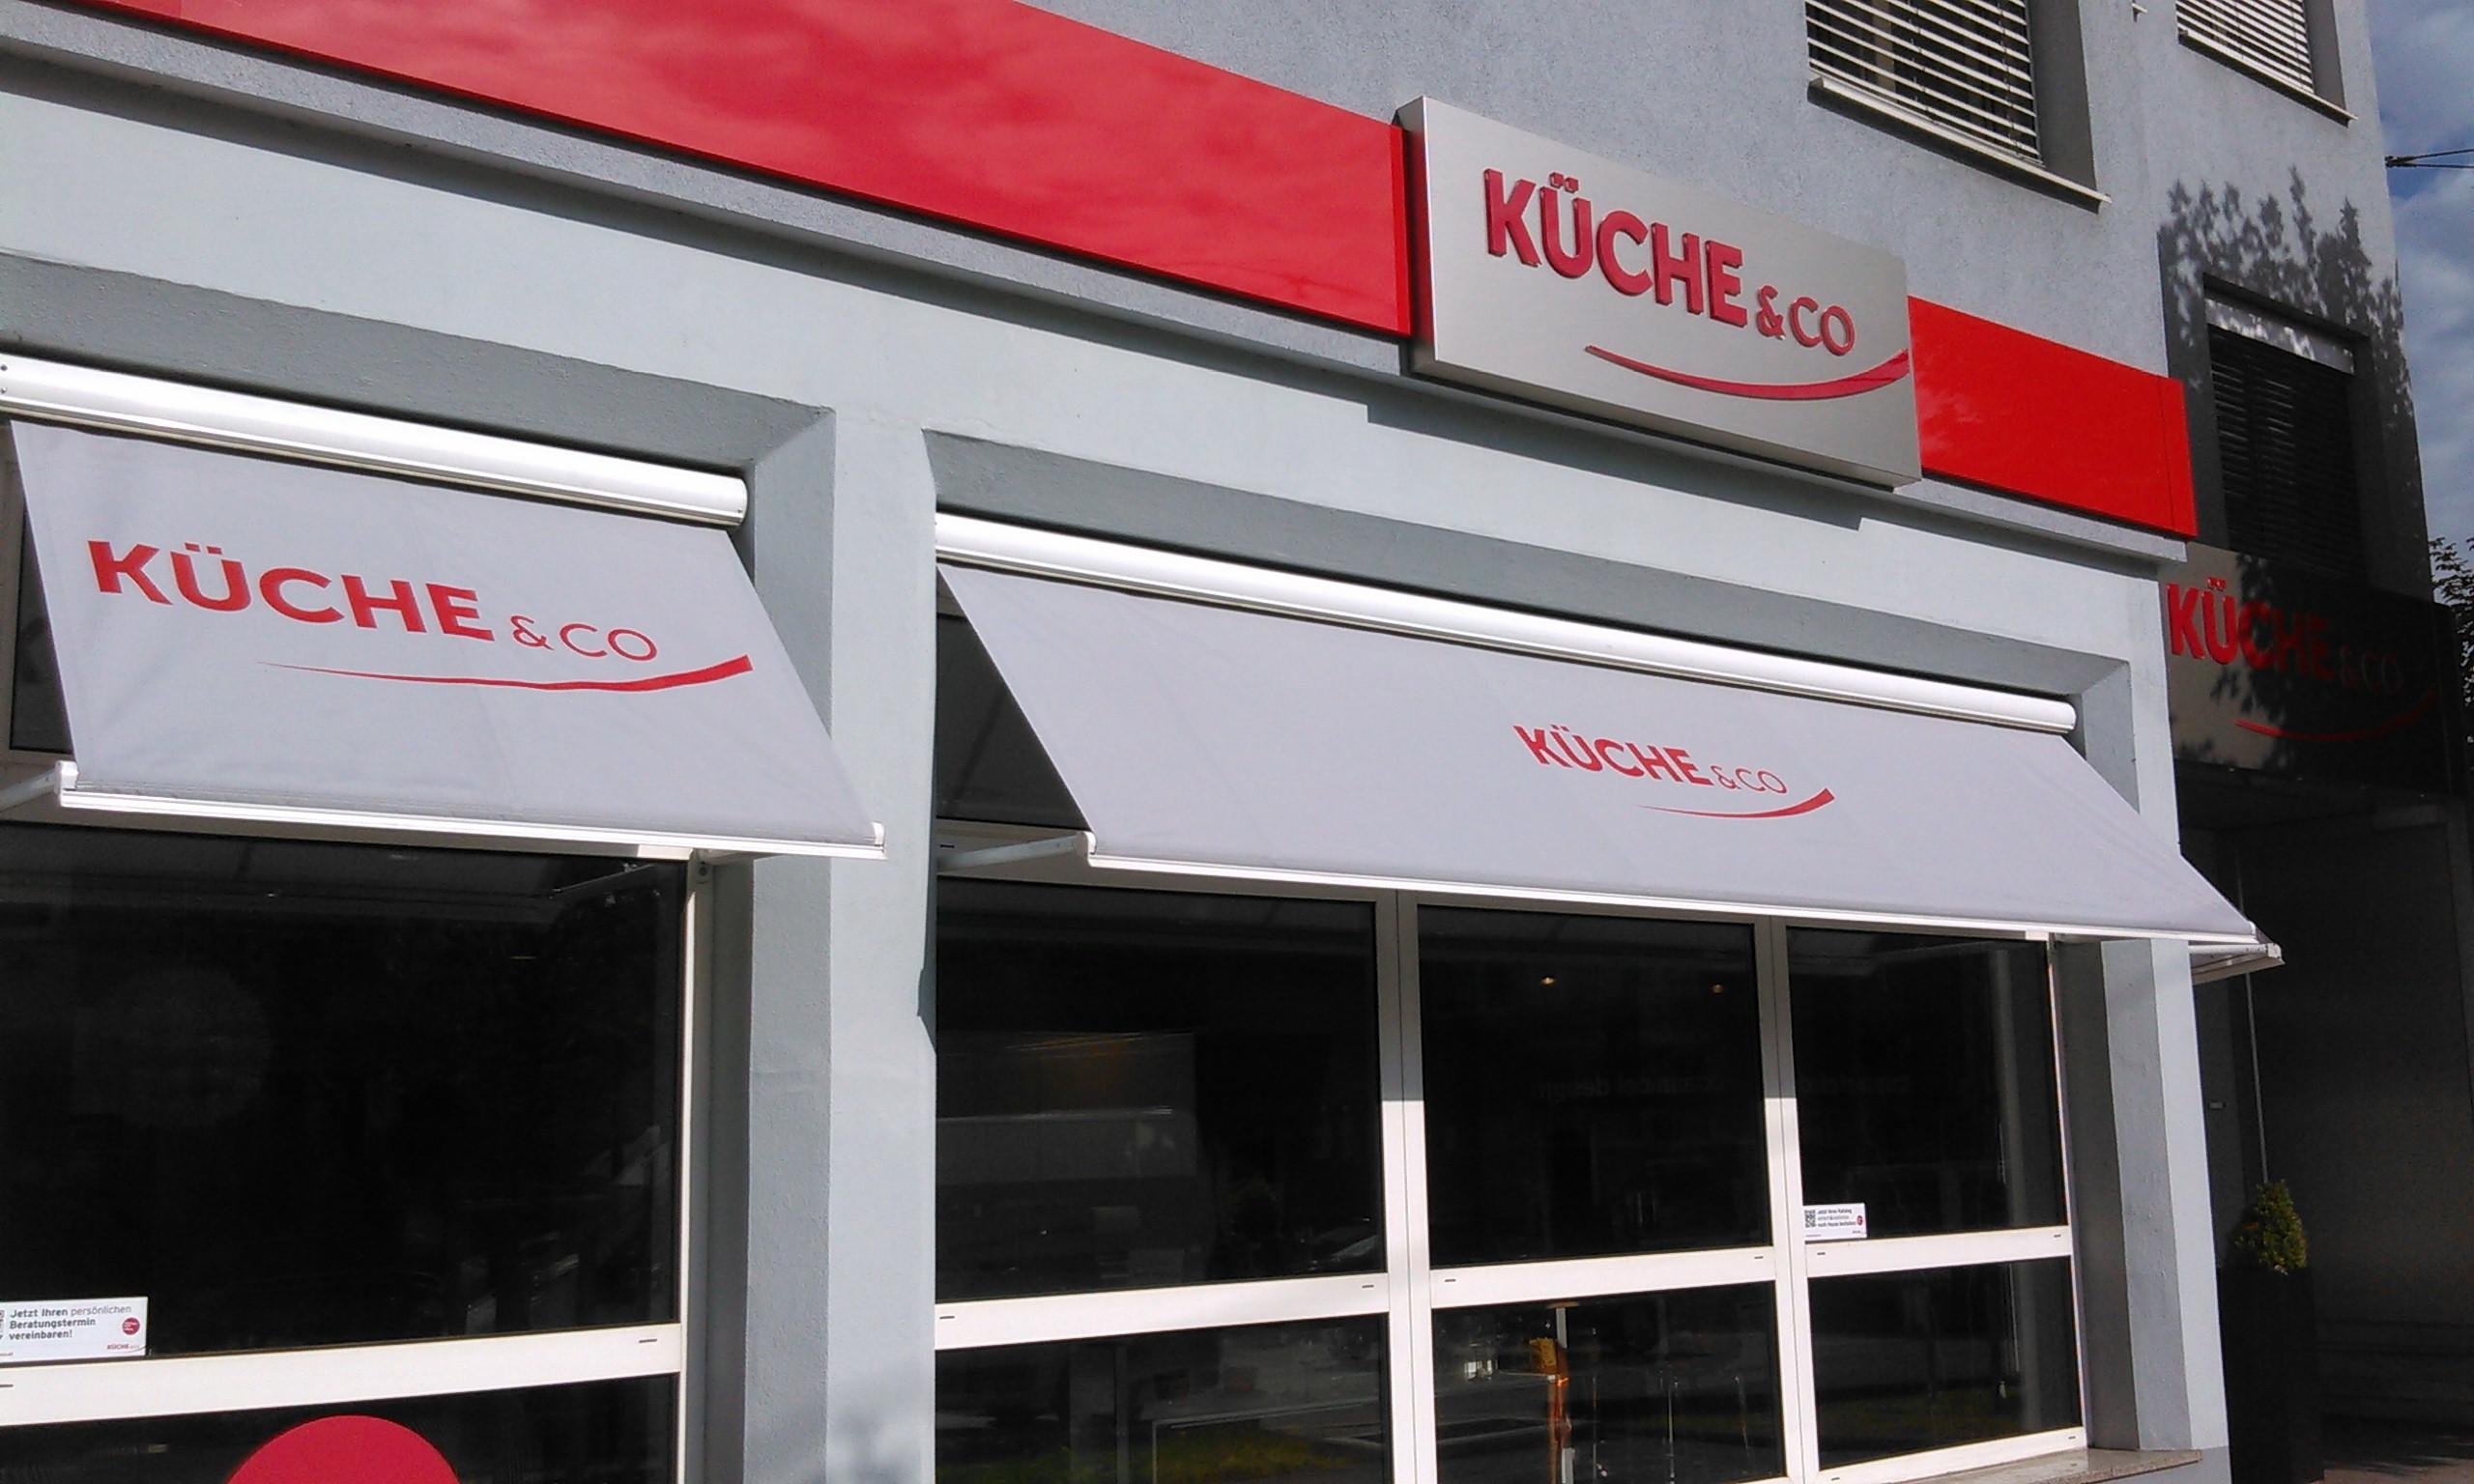 Full Size of Küche Auf Raten Kchenstudio Salzburg Kcheco Lüftungsgitter Regal Kaufen Deckenlampe Aufbewahrungsbehälter Hängeschränke Fenster Maß Magnettafel Dusch Wc Küche Küche Auf Raten